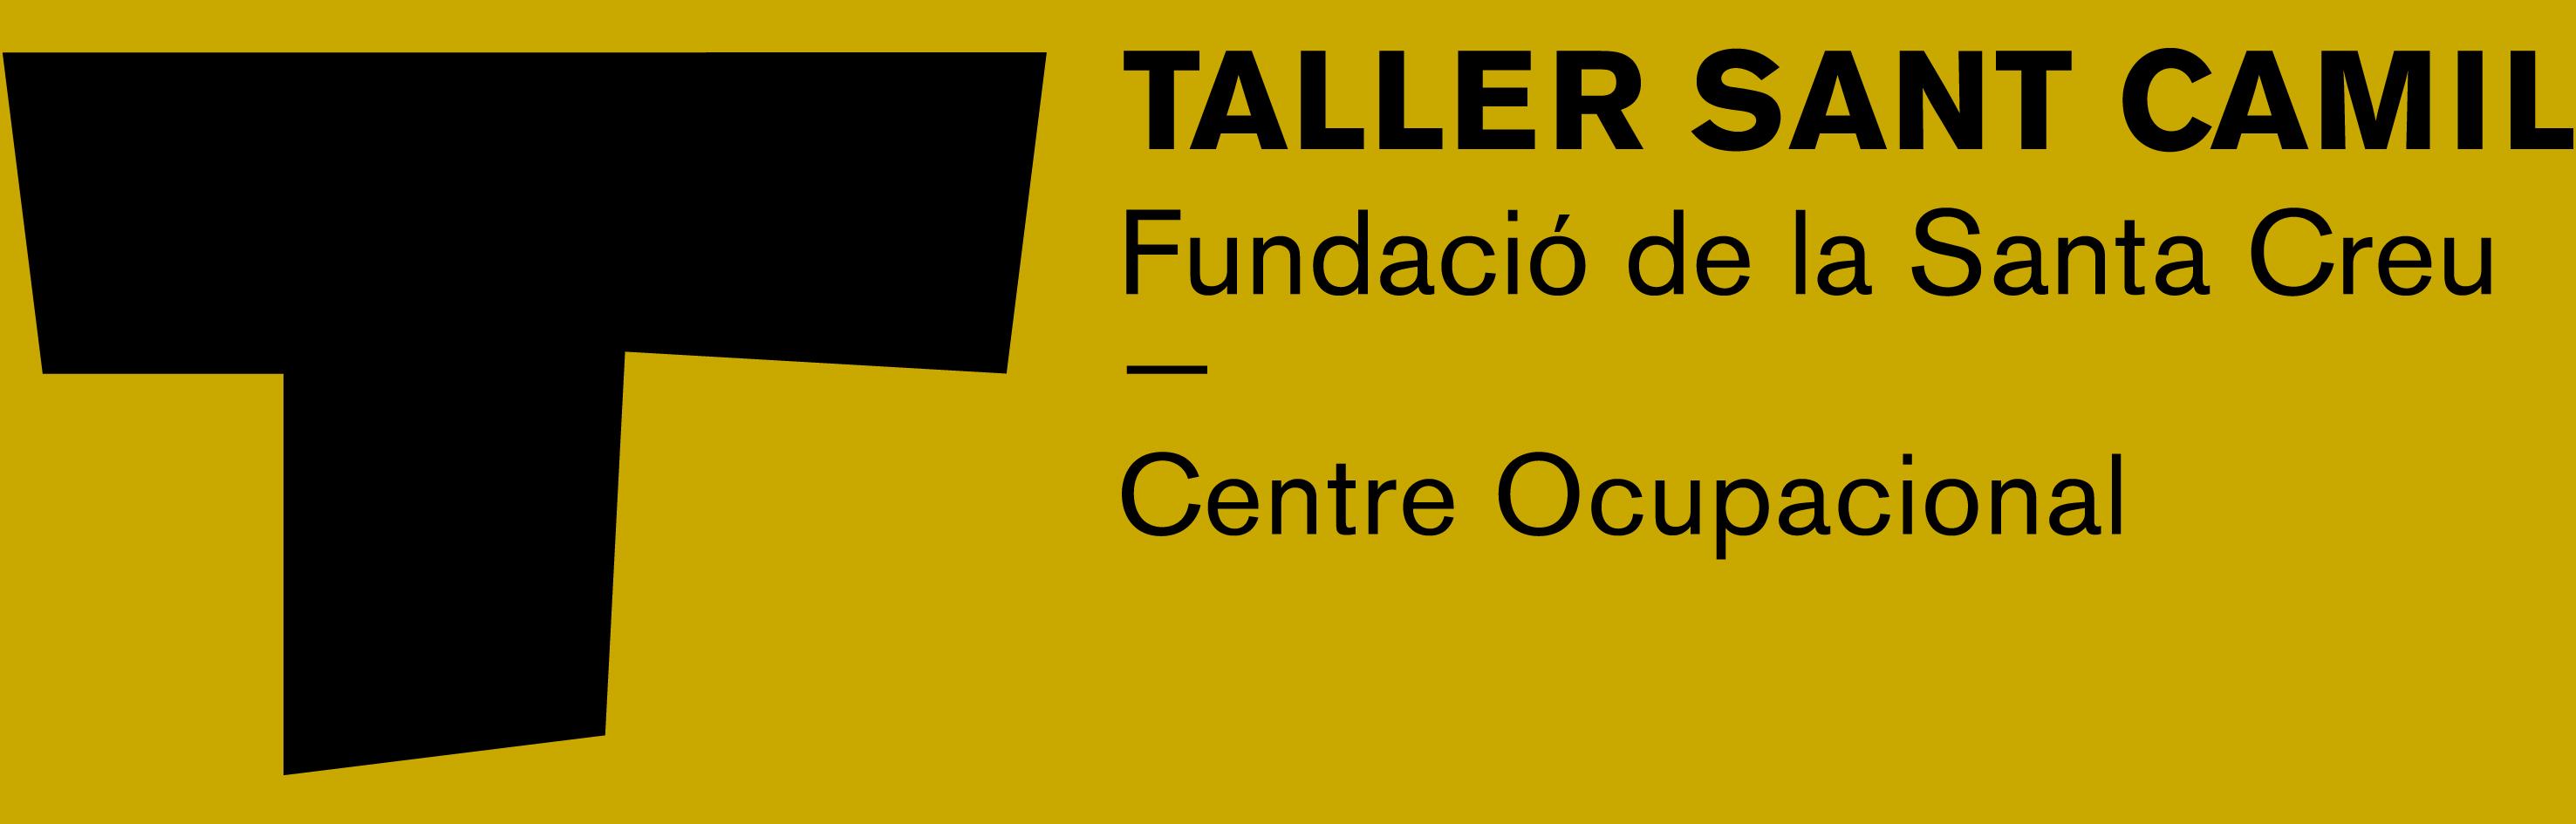 Centre Ocupacional Taller Sant Camil